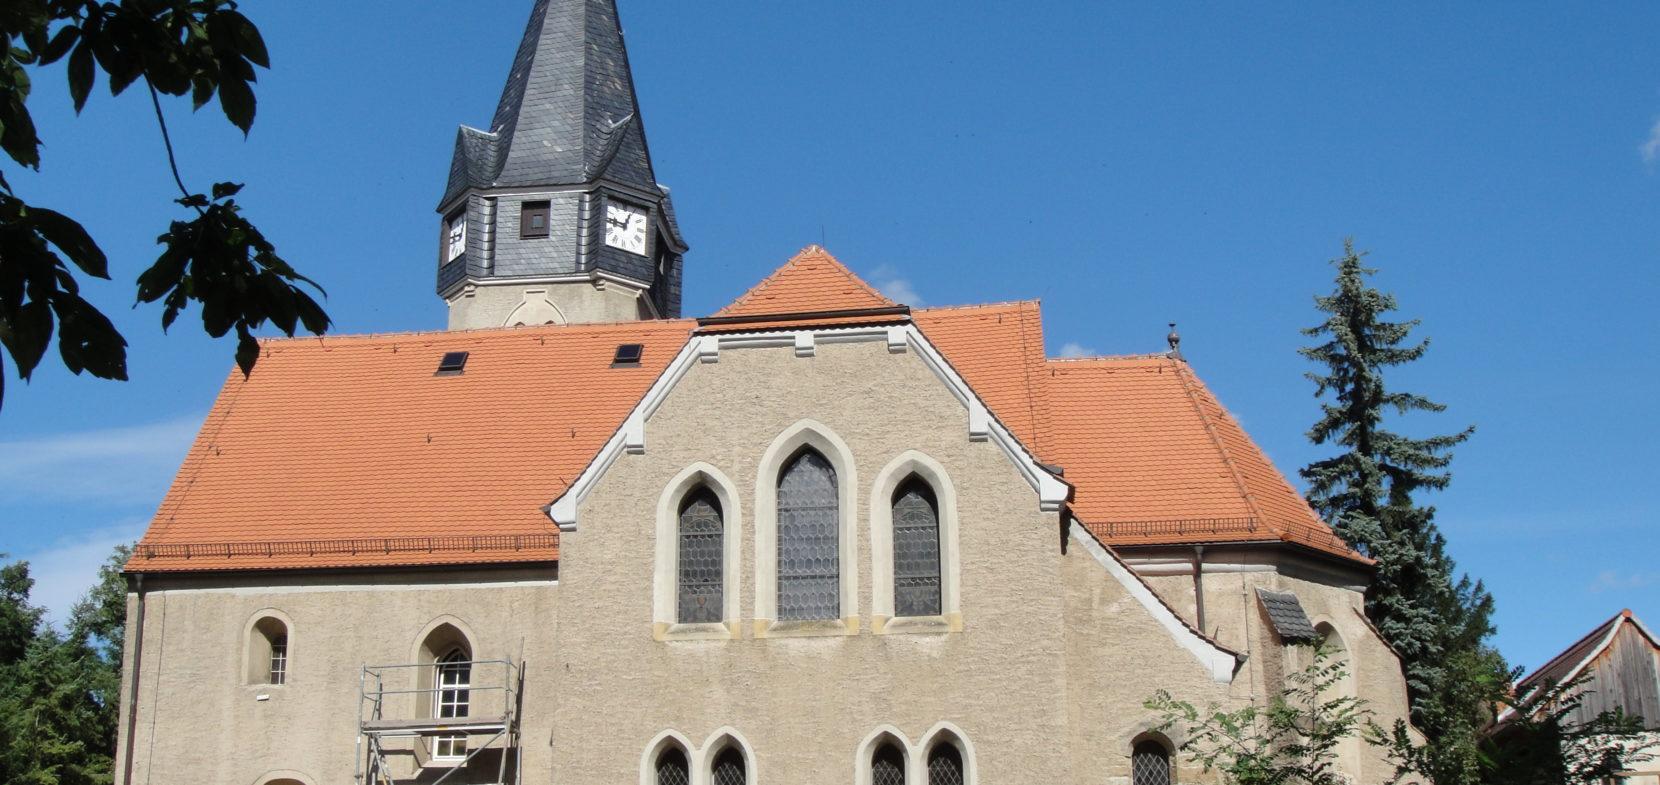 Hainkirche St. Vinzenz